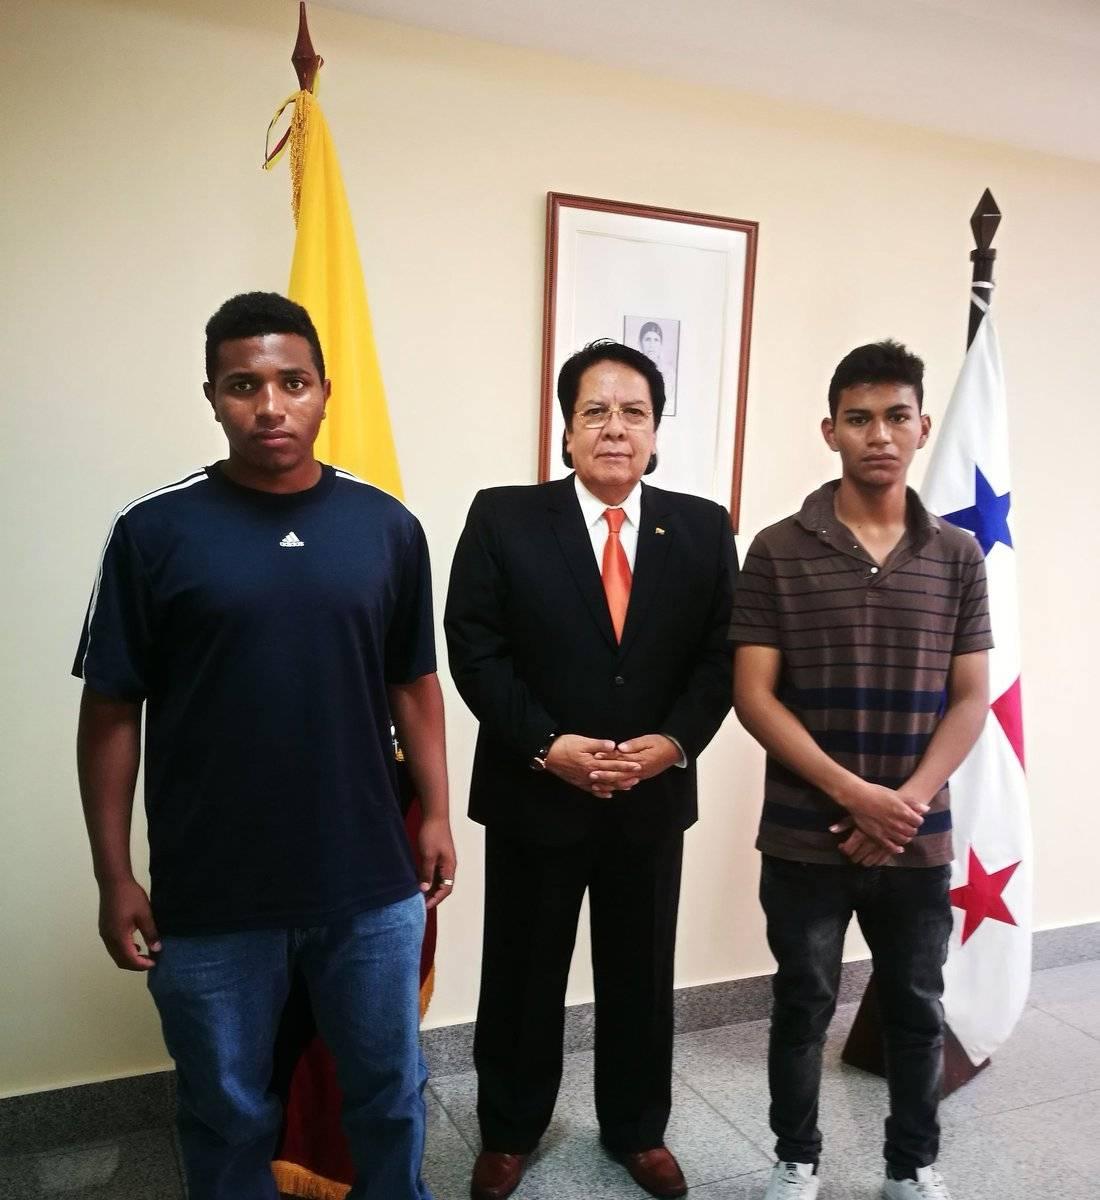 El Embajador del Ecuador en Panamá, Dr. Galo Enríquez, recibe a los familiares del compatriota Juan Carlos Espinoza Cazar